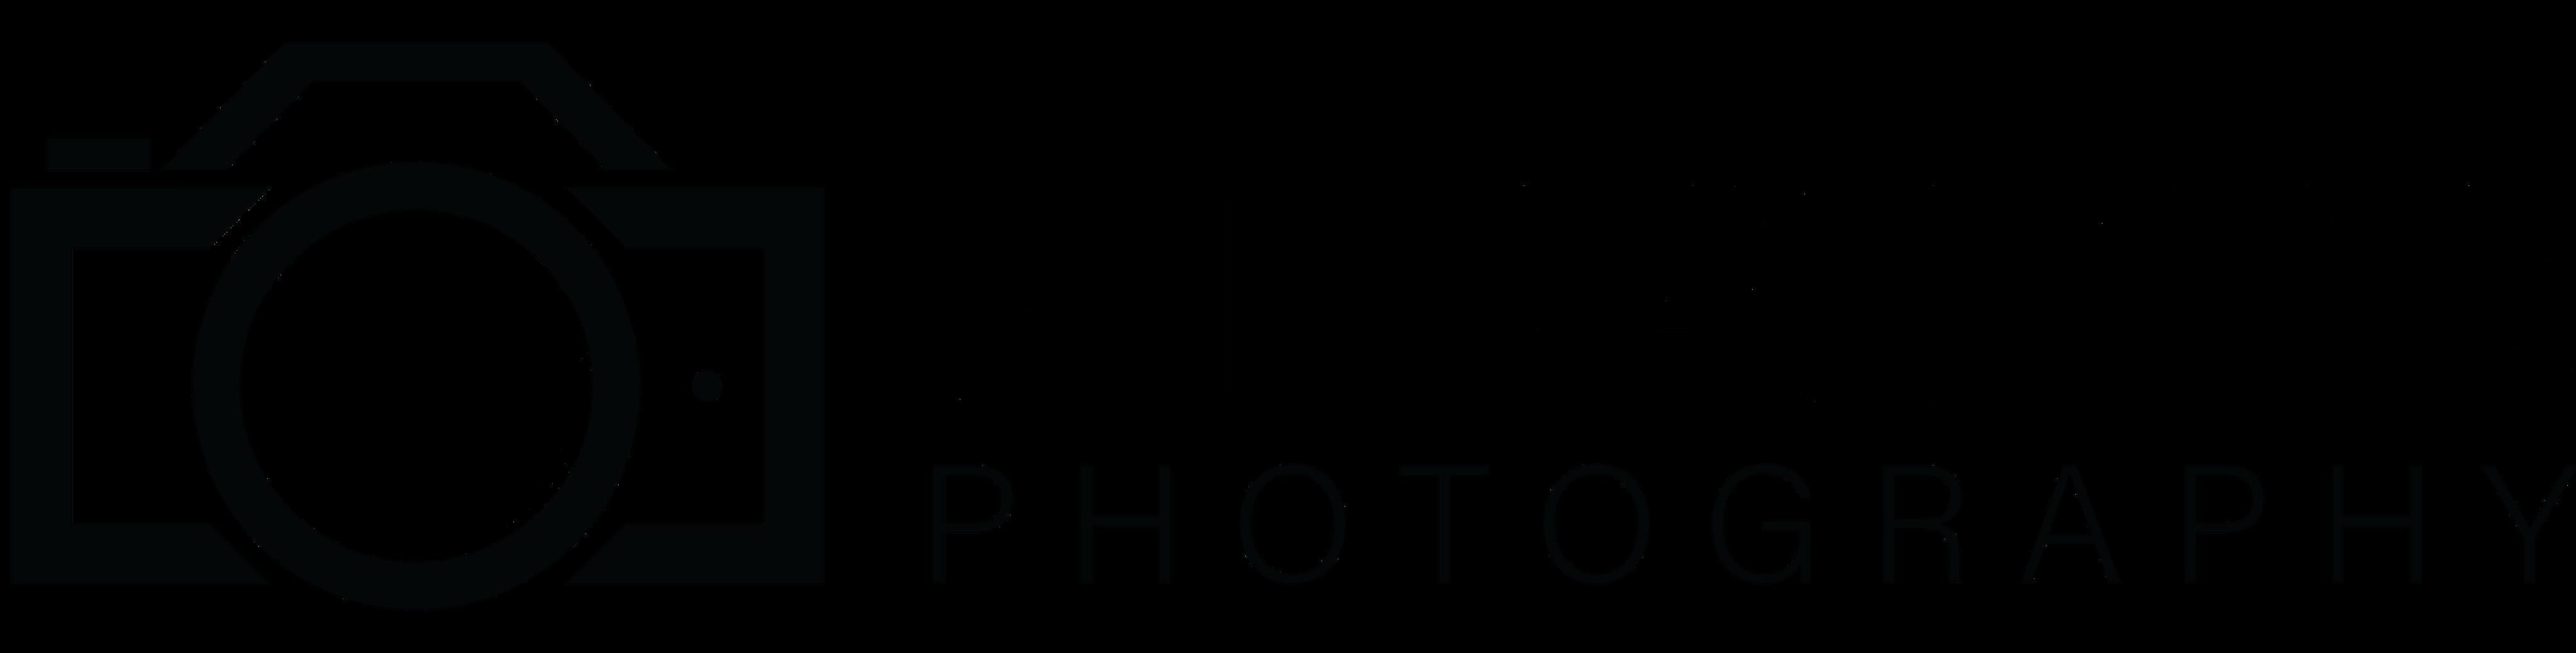 Philip Scheetz Photography